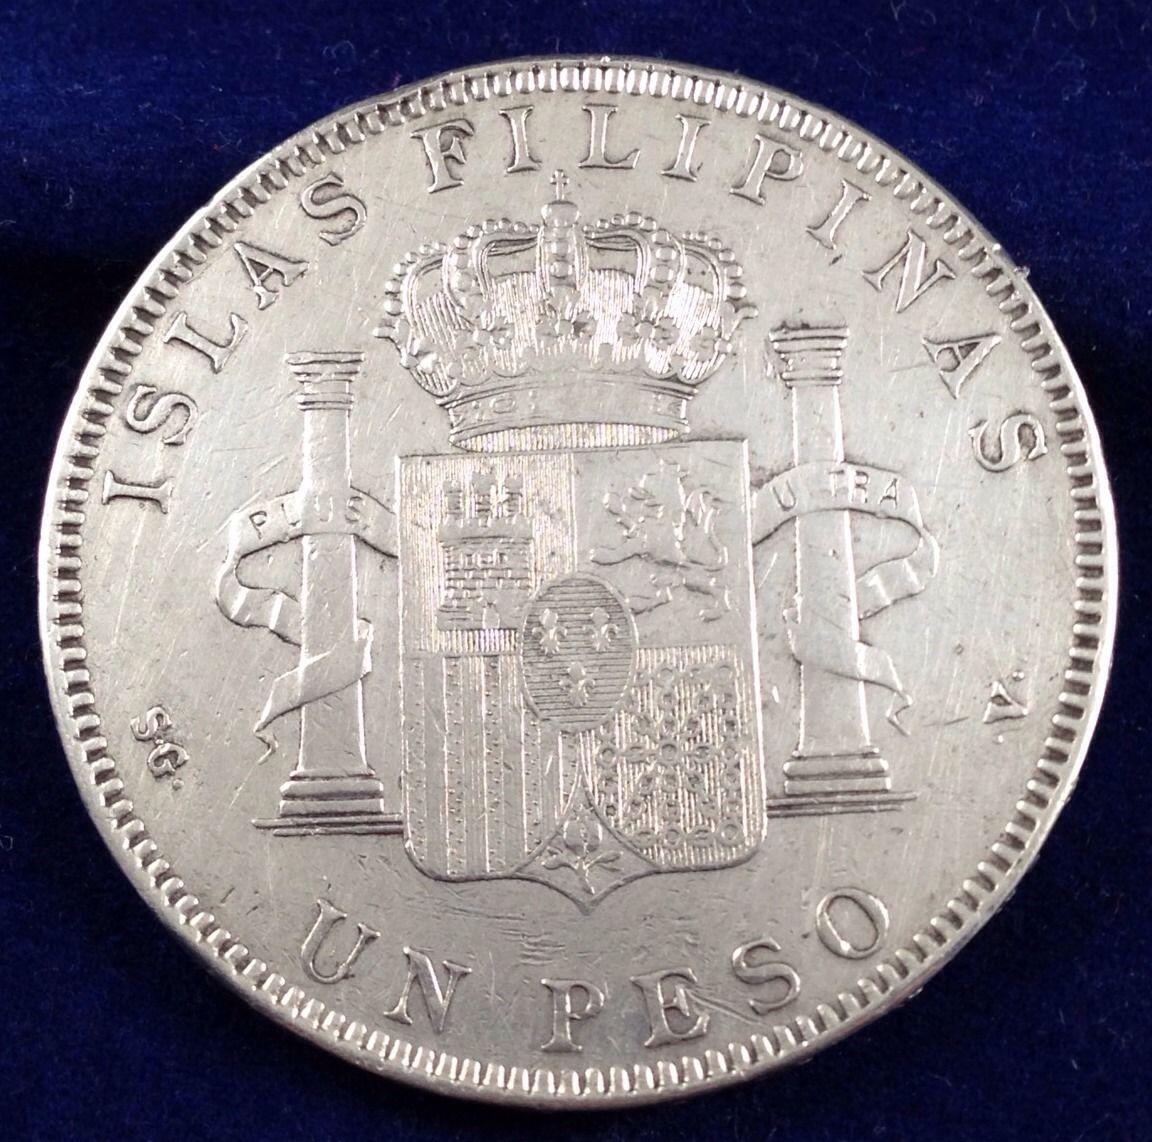 1 Peso 1897 SGC Alfonso XIII - Islas Filipinas 3150oyd